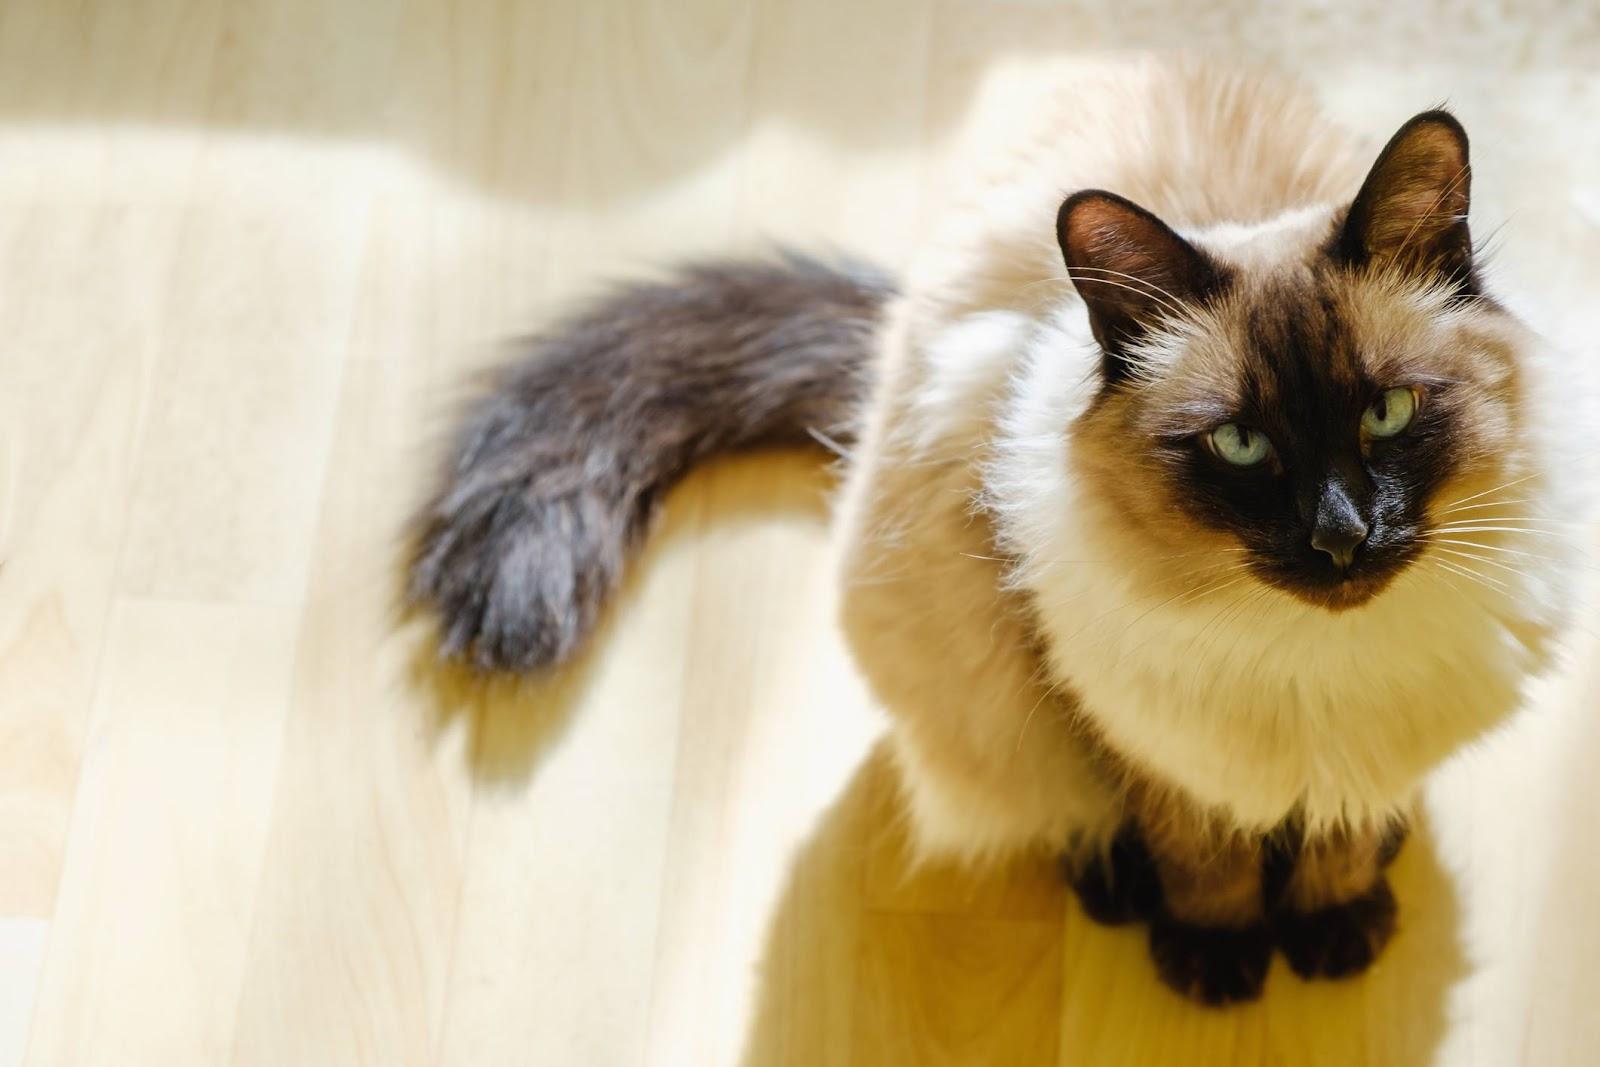 Loài mèo này được lấy tên từ vũ công Bali